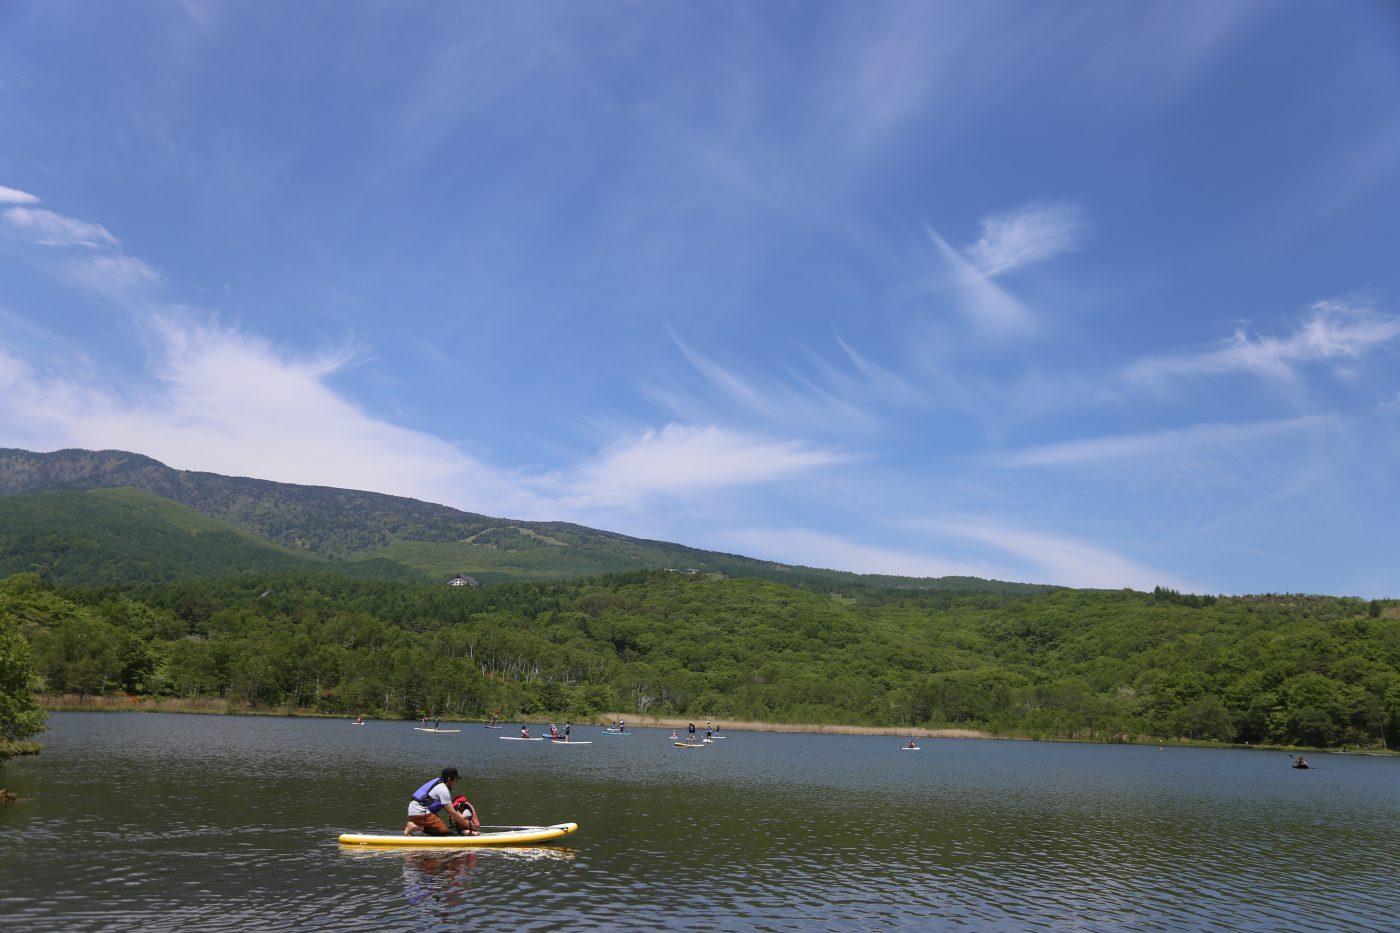 目前のバラギ湖でのアクティビティも可能です。